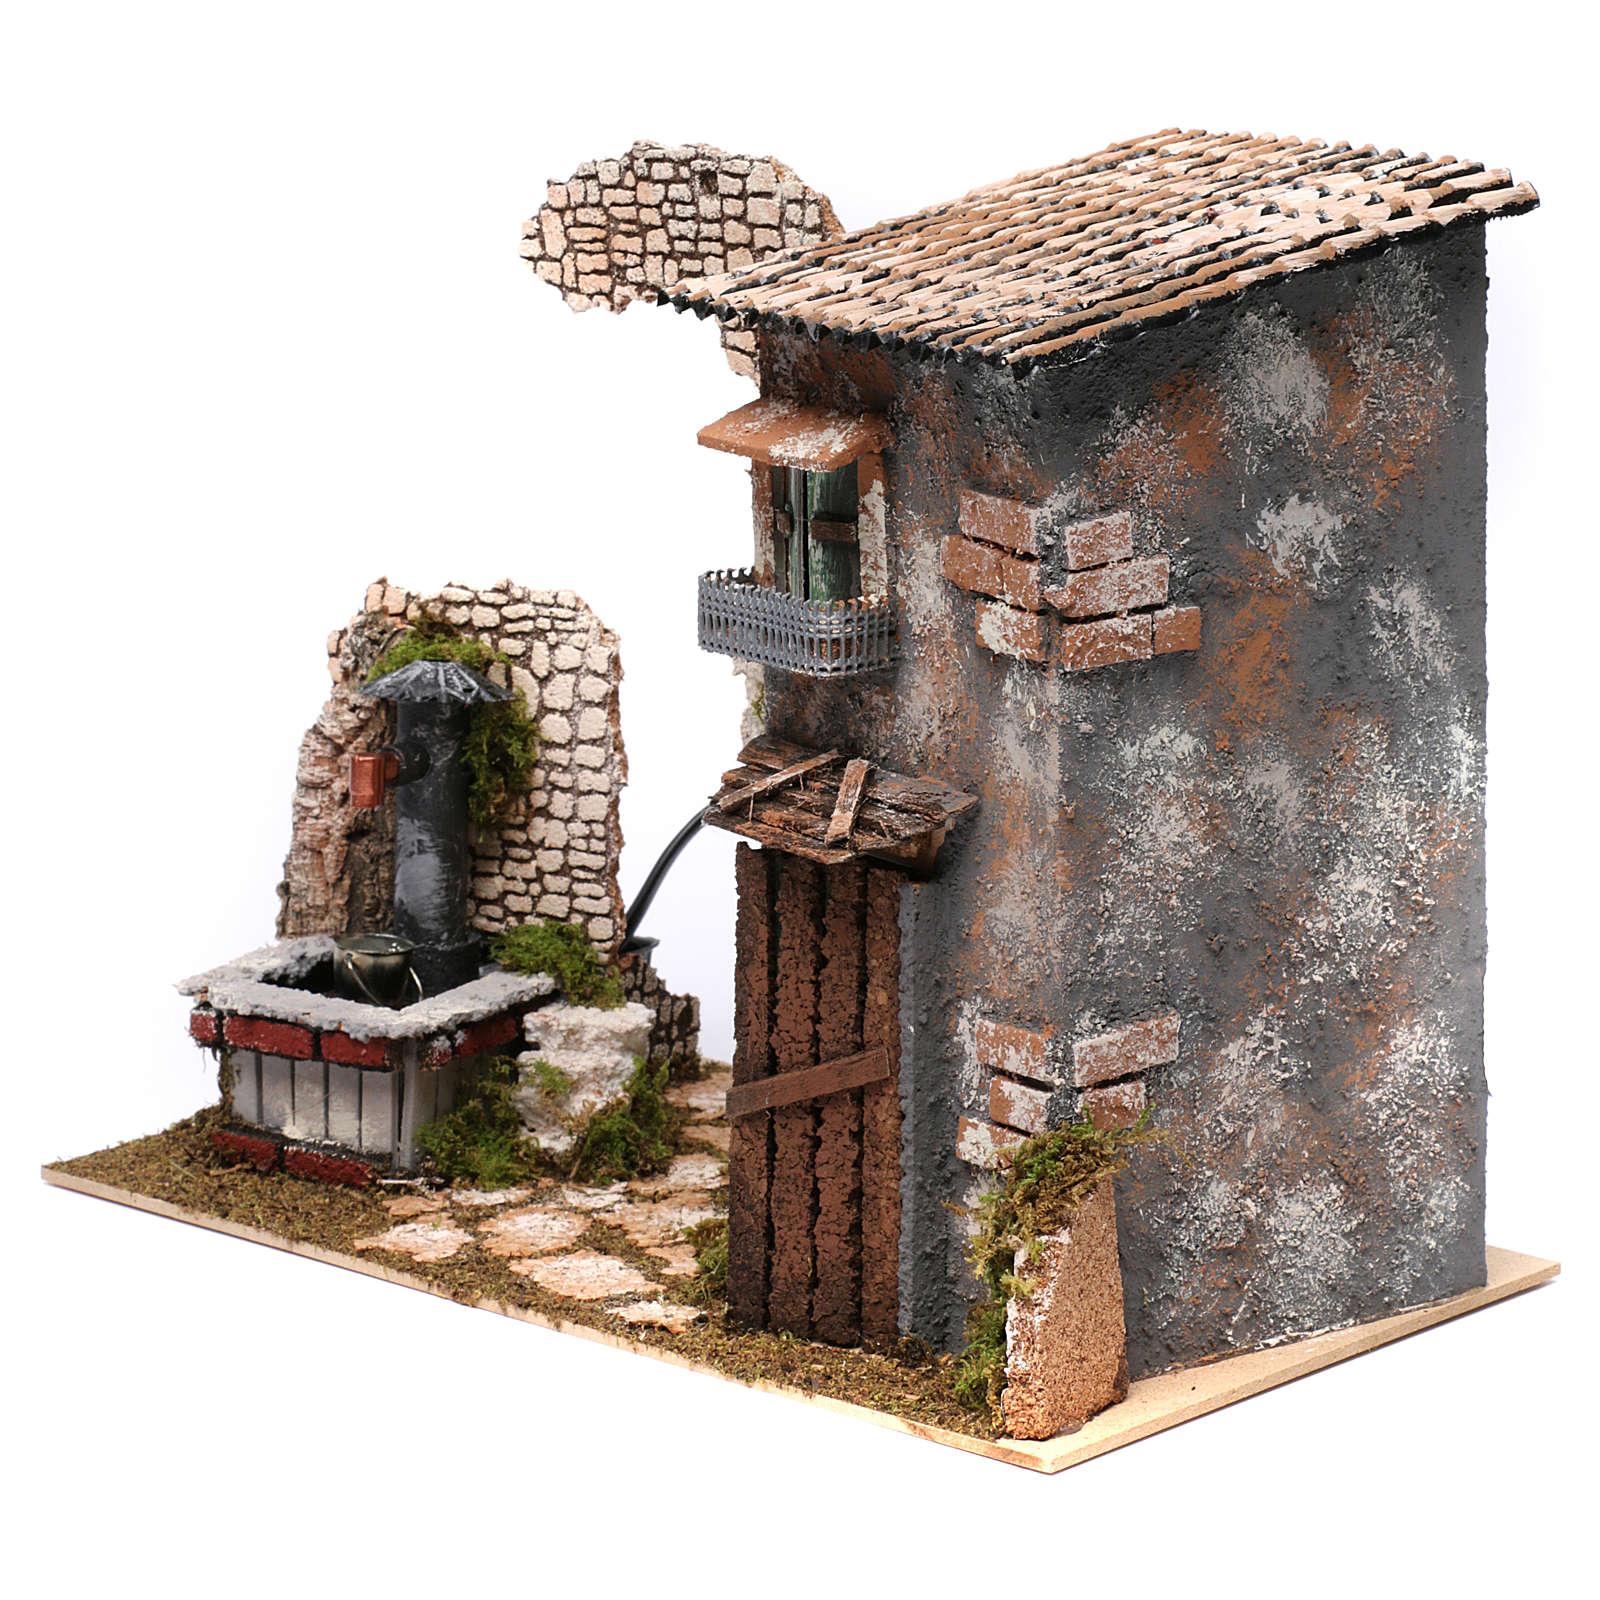 Maison rustique et fontaine avec pompe pour crèche 25x35x20 cm 4